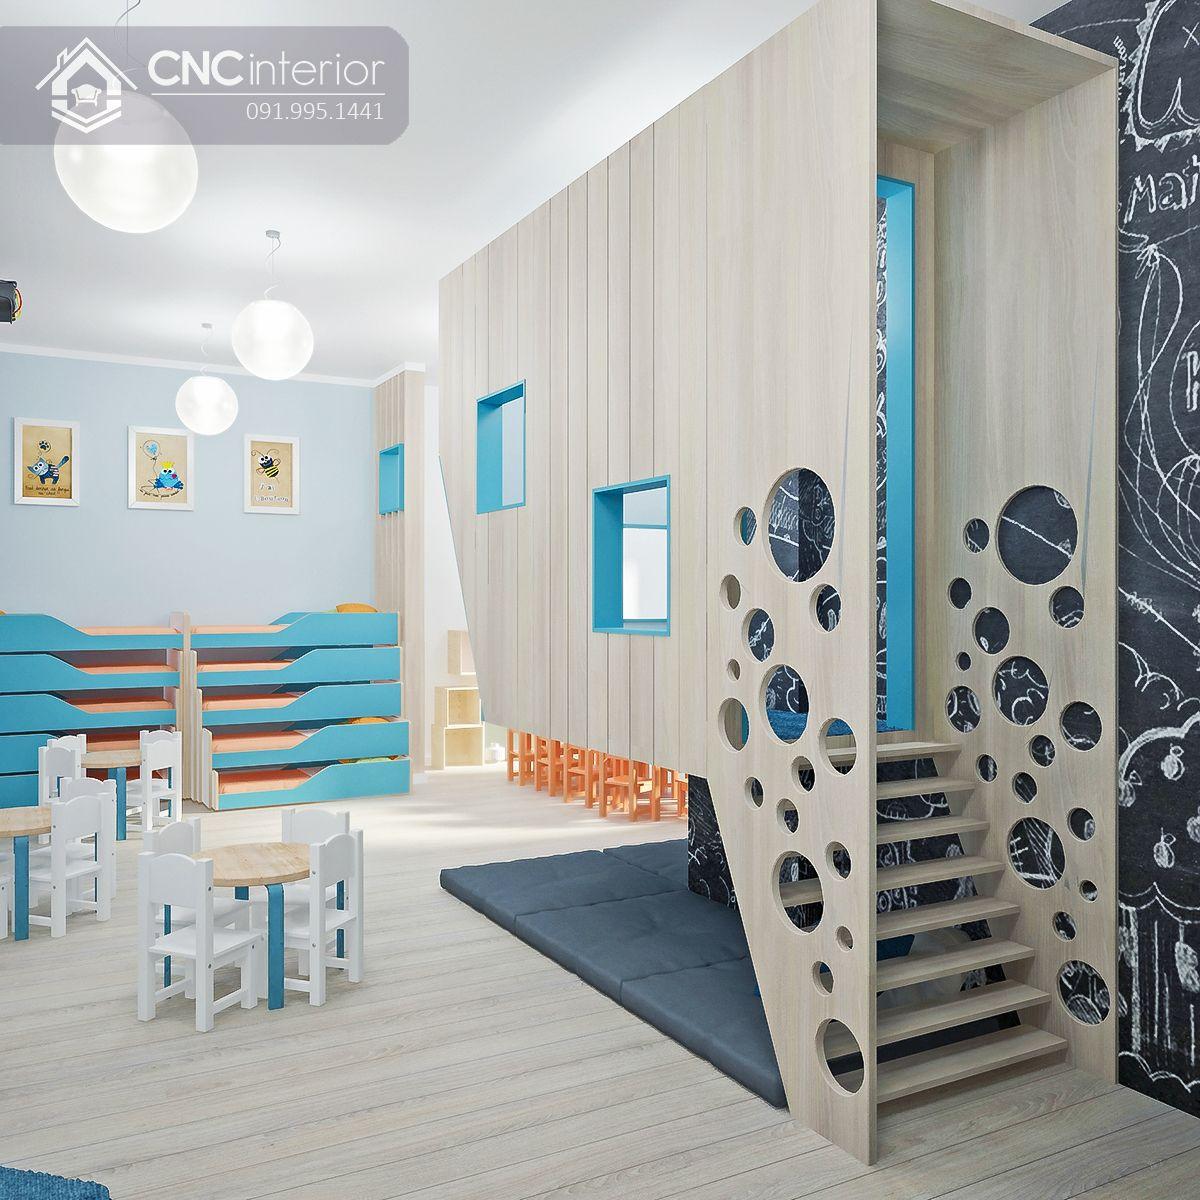 thiết kế nội thất trường mầm non 3